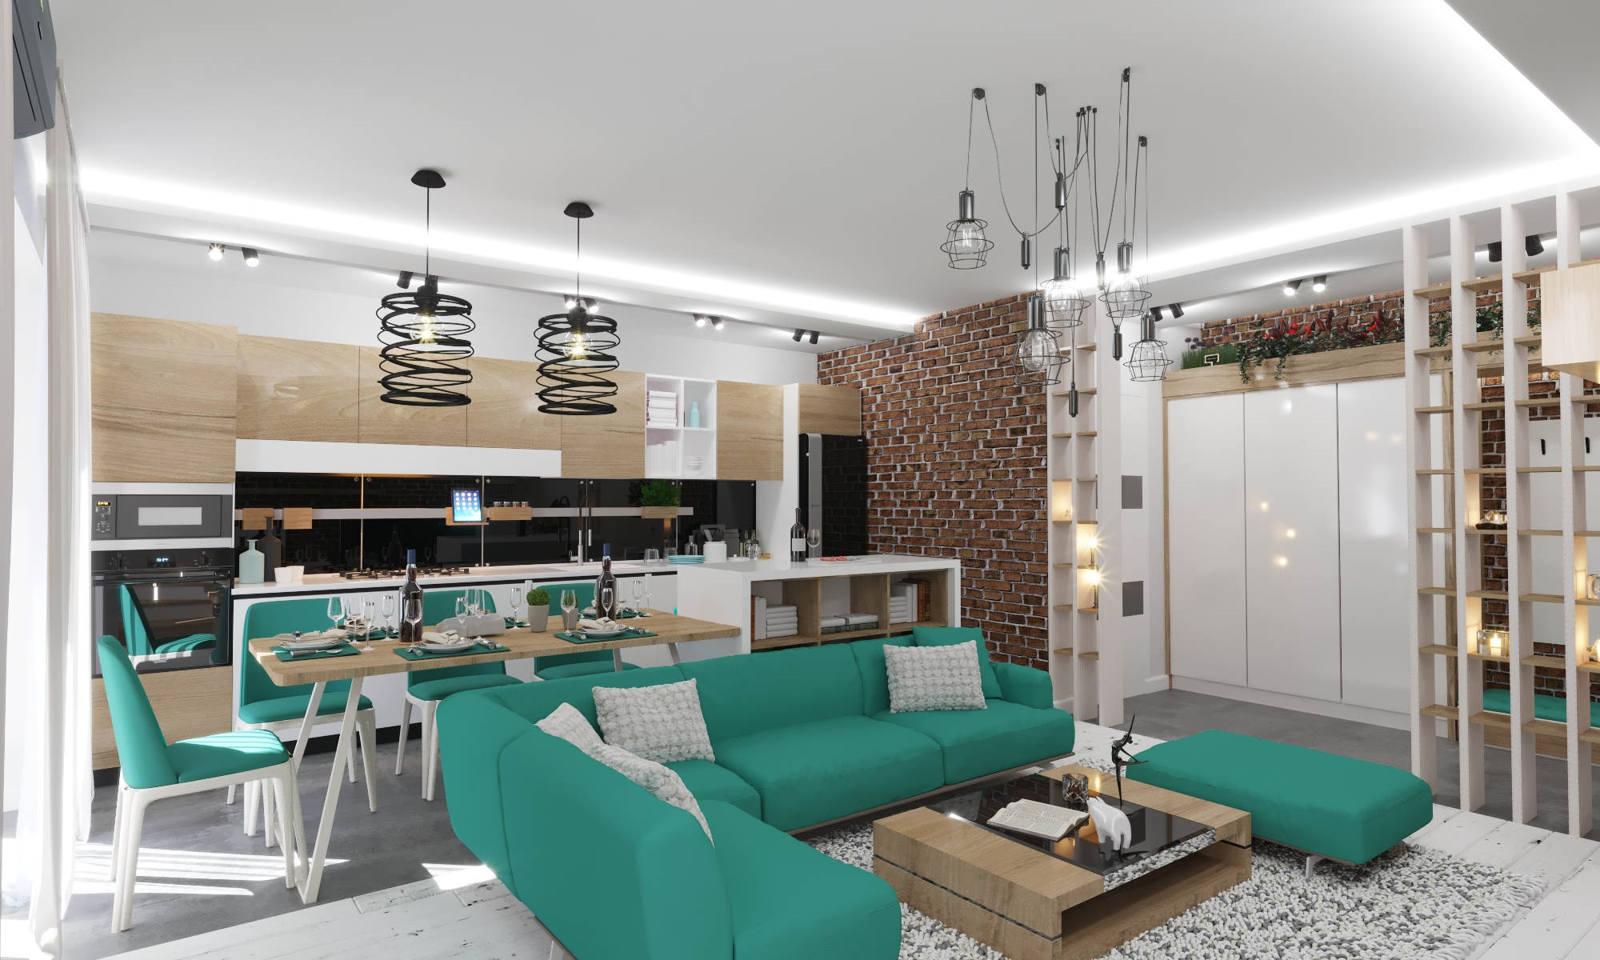 Дизайн кухни- гостинной в квартире фото Киев. Современный стиль, Модерн